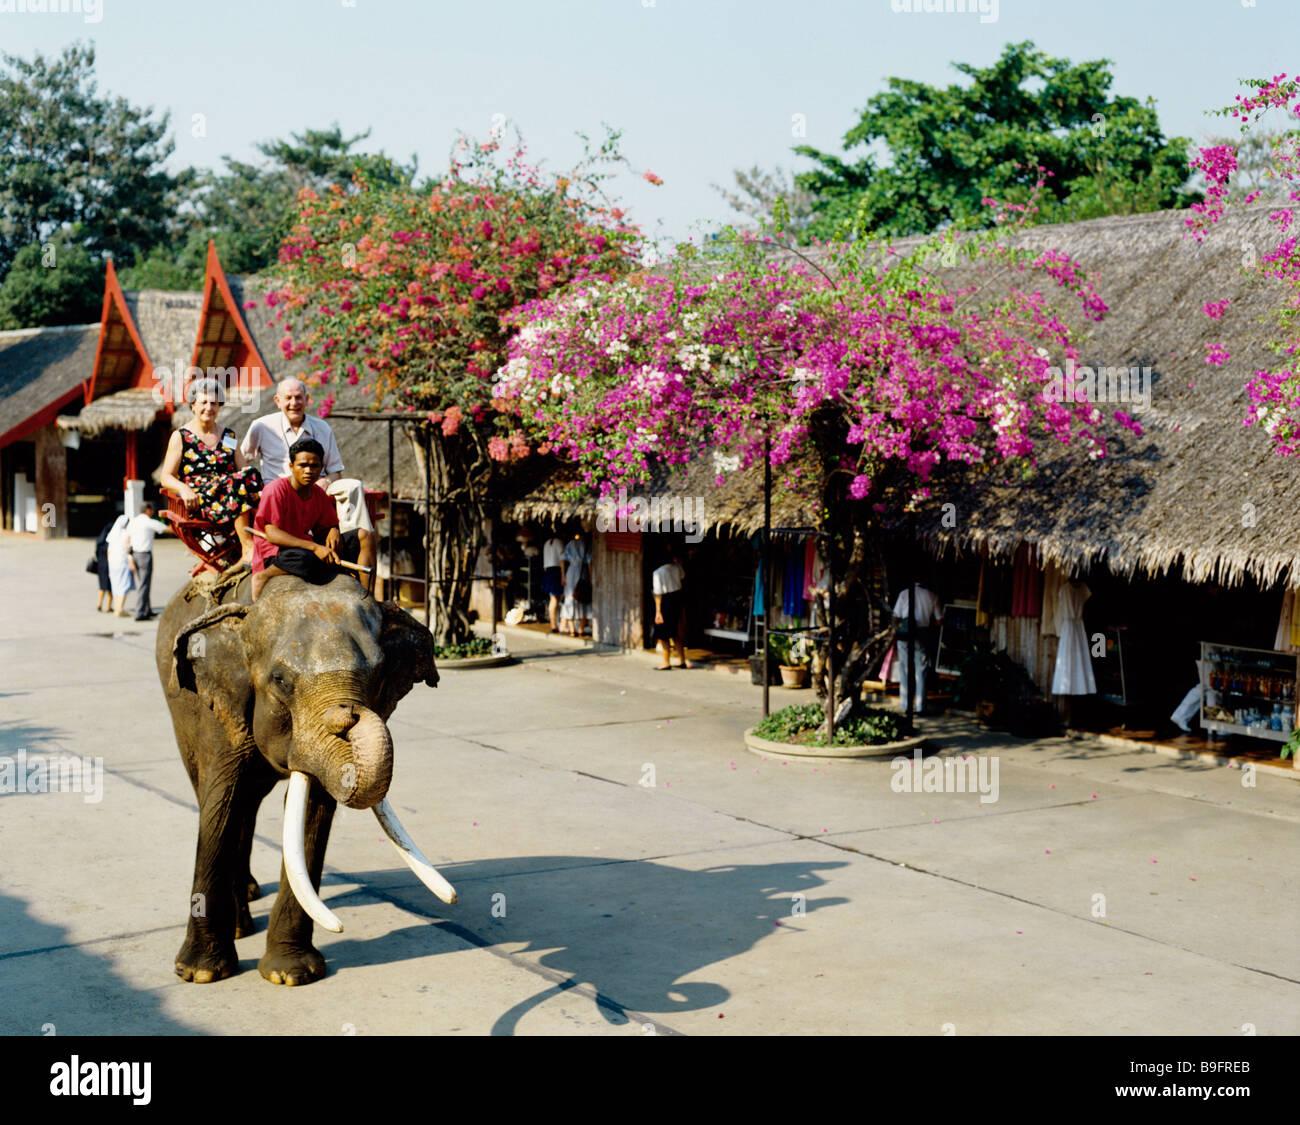 thailand bangkok rose garden stock photo: 23089987 - alamy